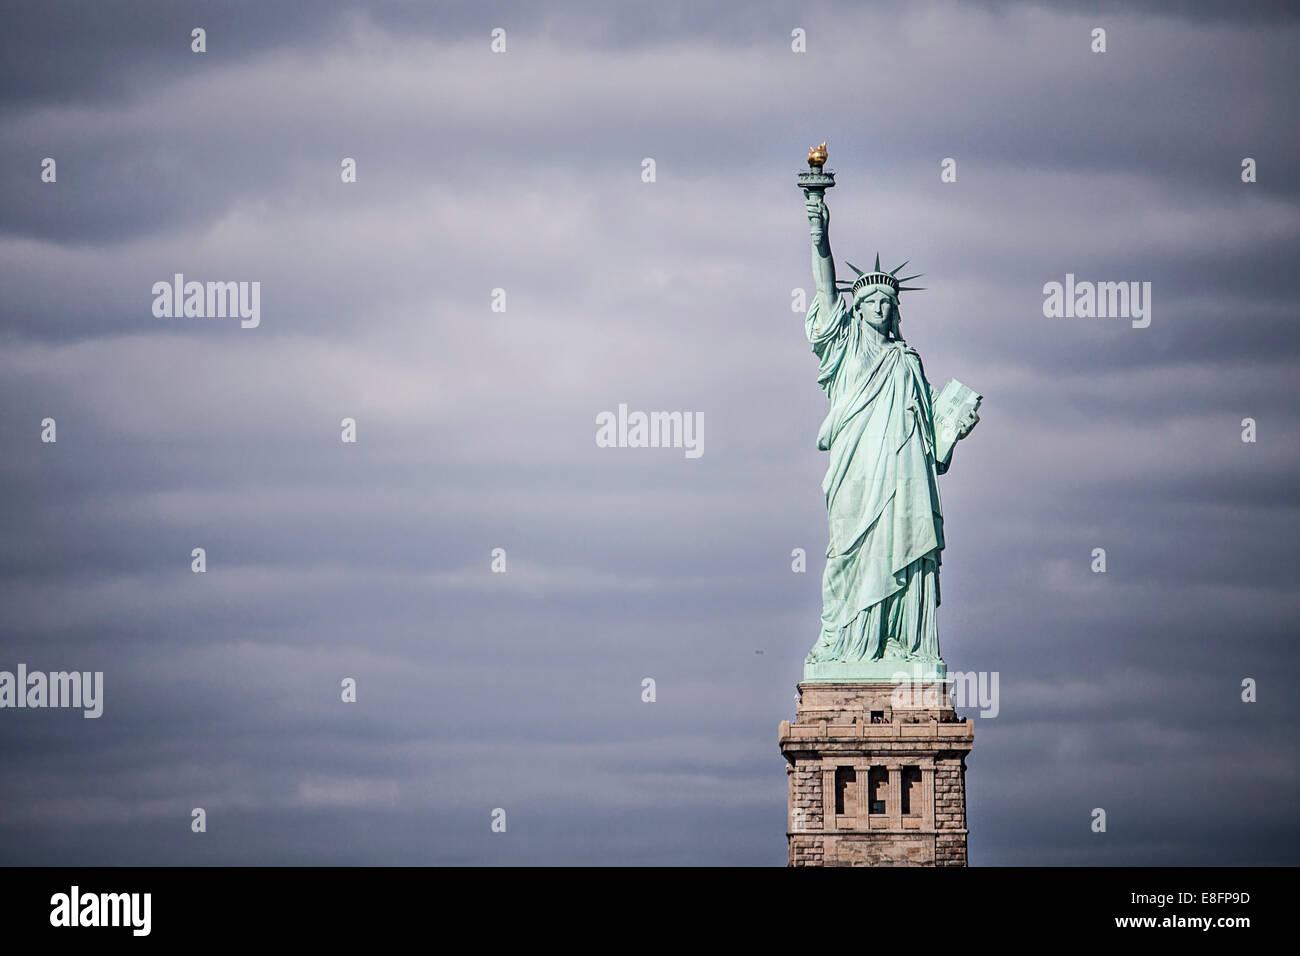 La estatua de la Libertad, Nueva York, Estados Unidos, EE.UU. Imagen De Stock